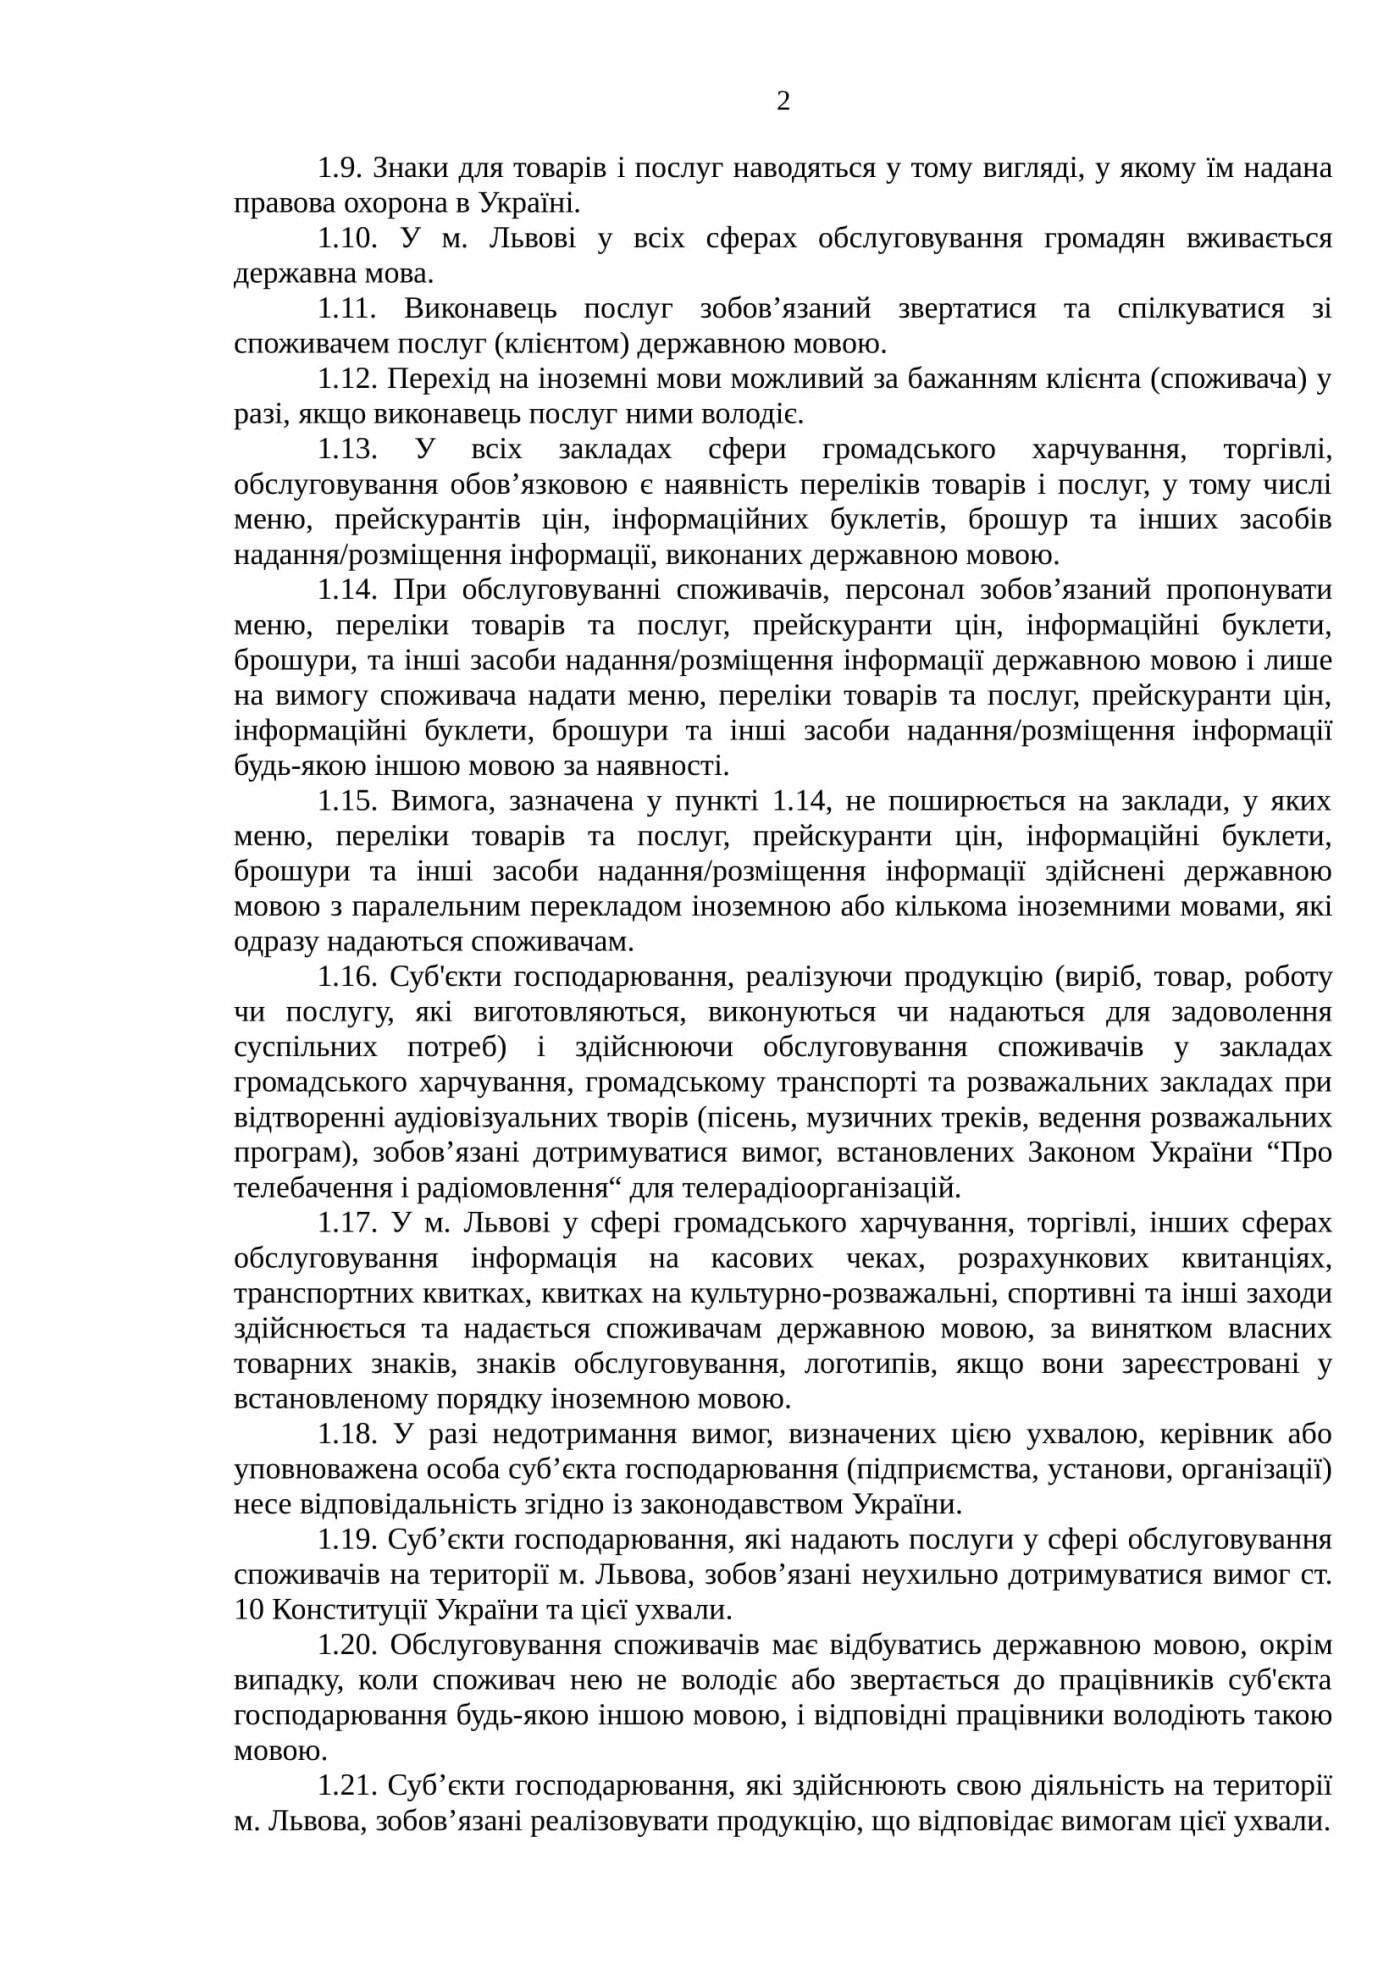 У ЛМР зобов'язали обслуговувати клієнтів закладів харчування і торгівлі українською мовою, фото-2